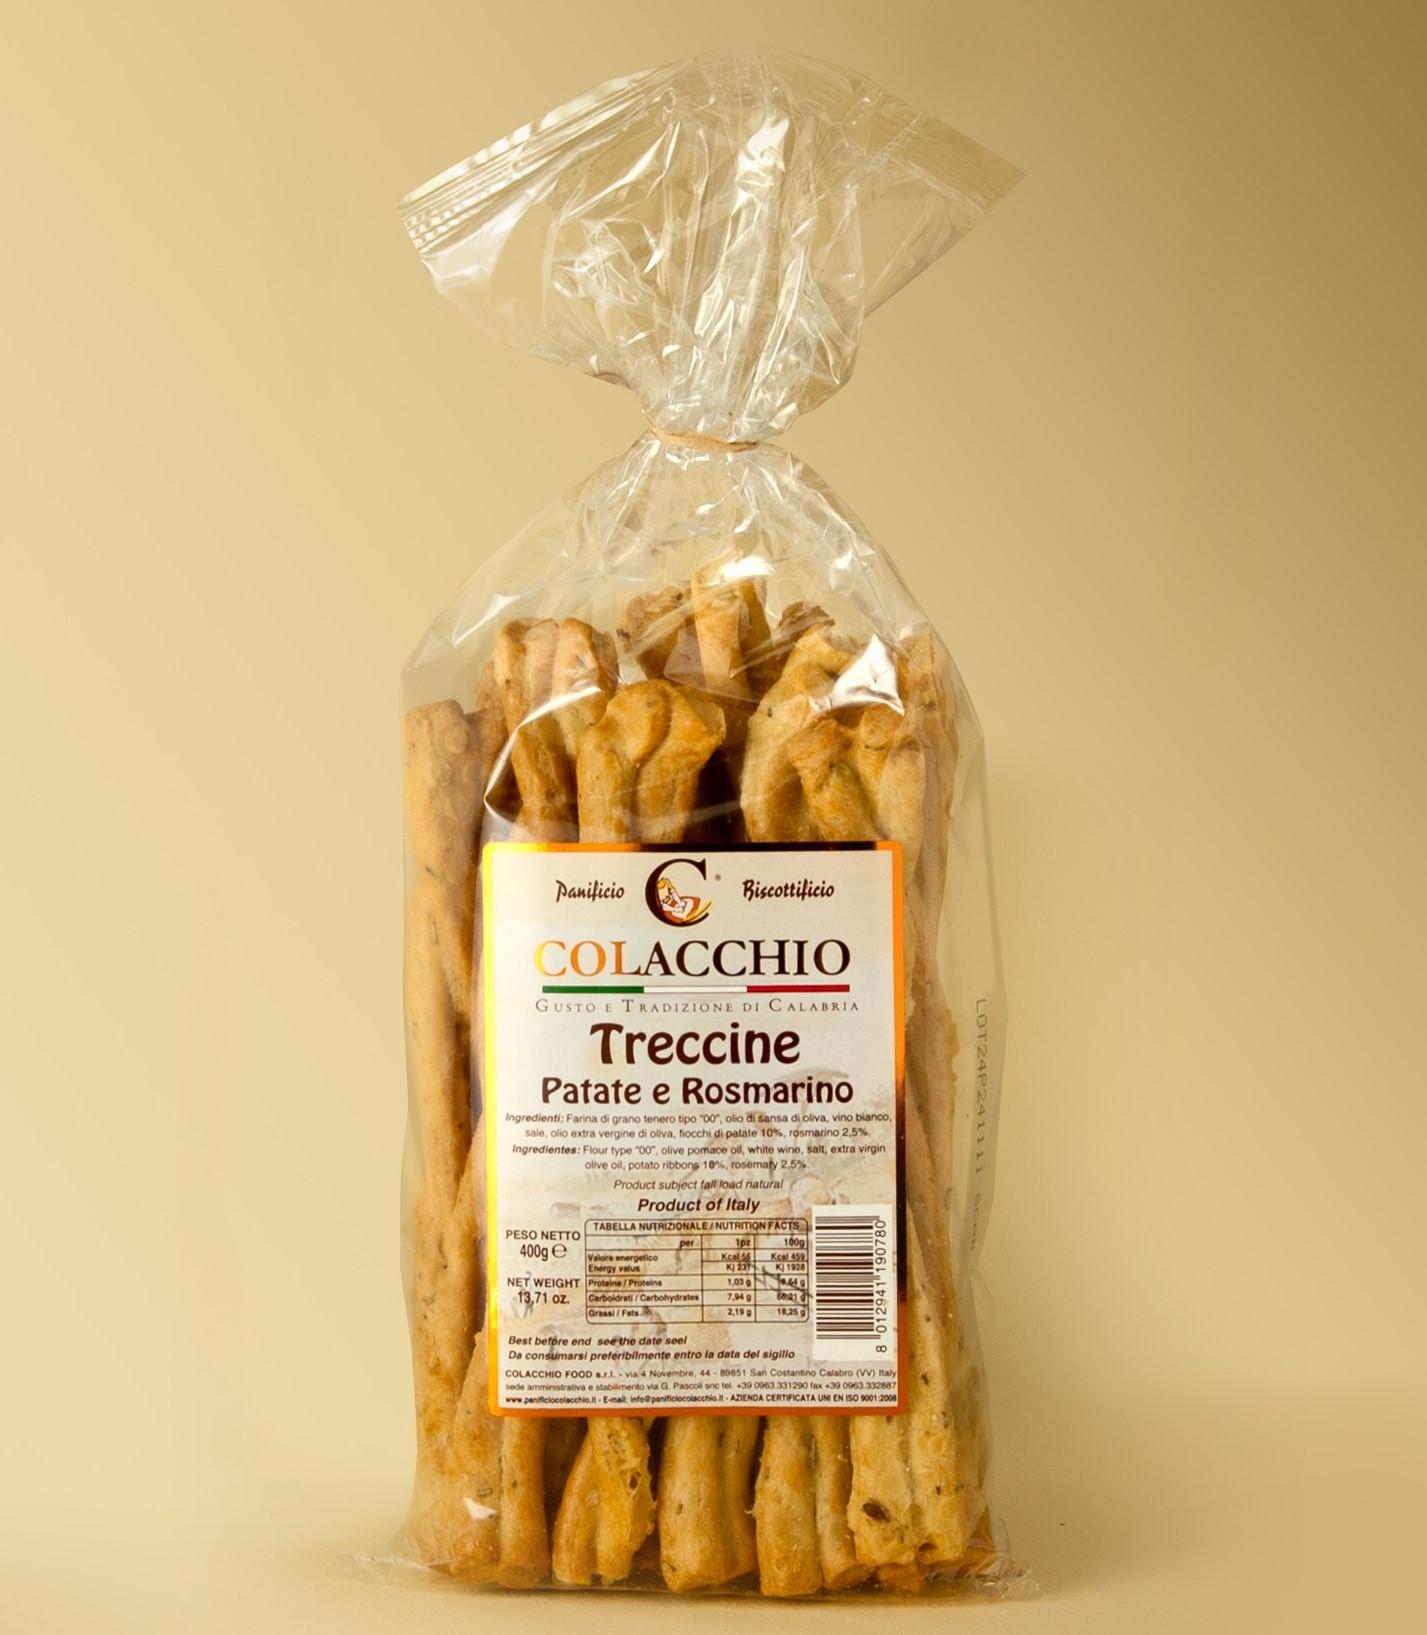 Colaccho Treccine Patate & Rosmarino